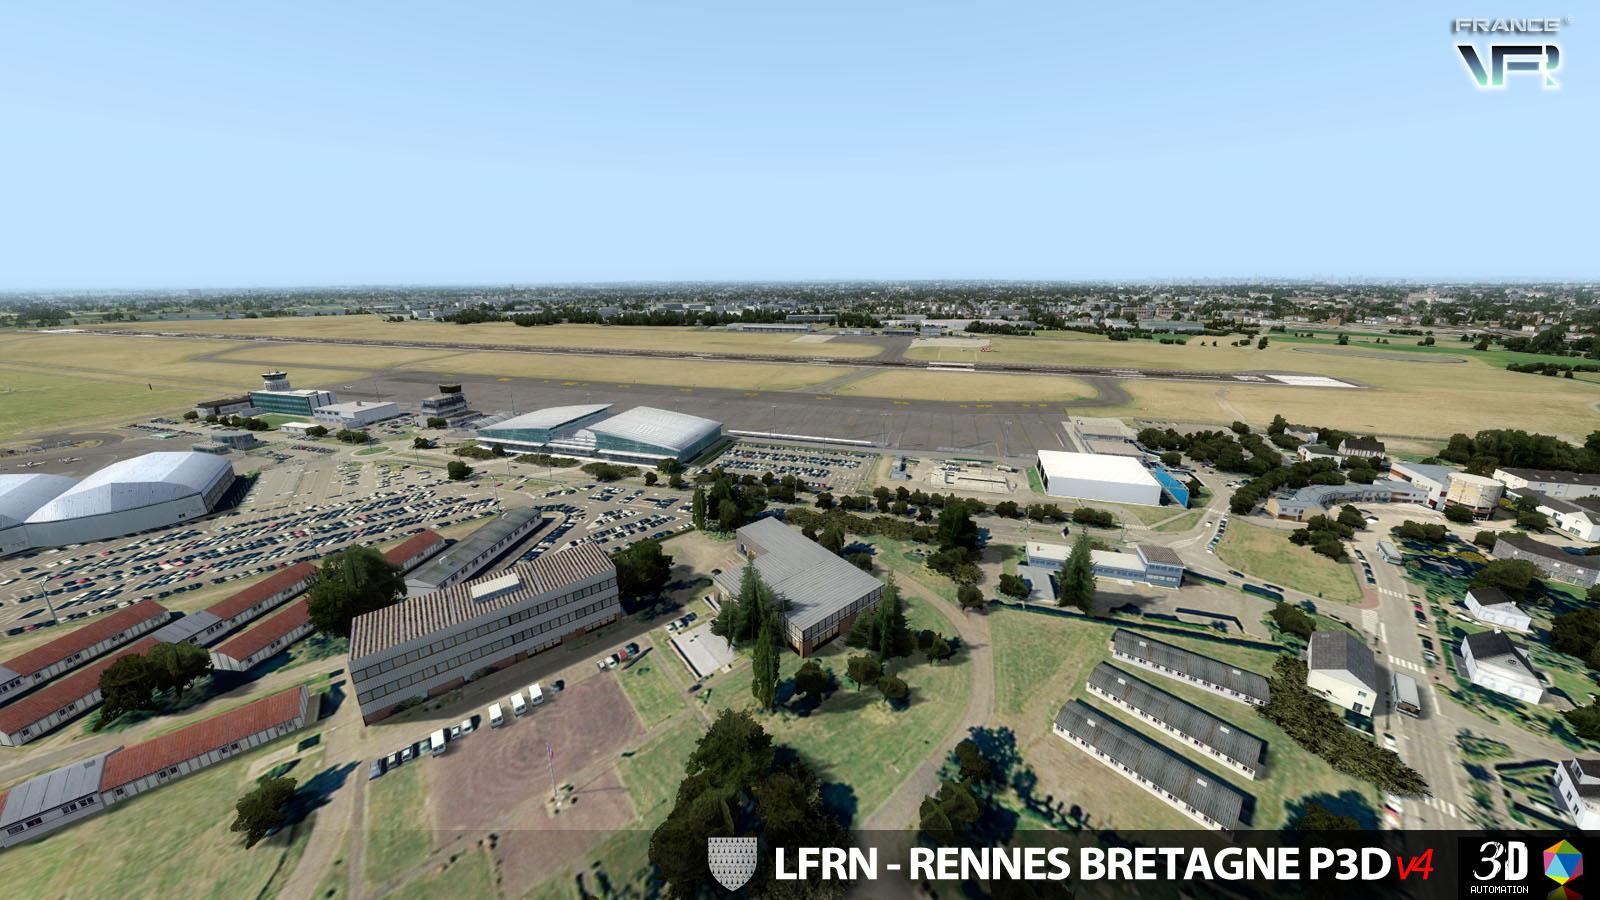 LFRNP3D_09